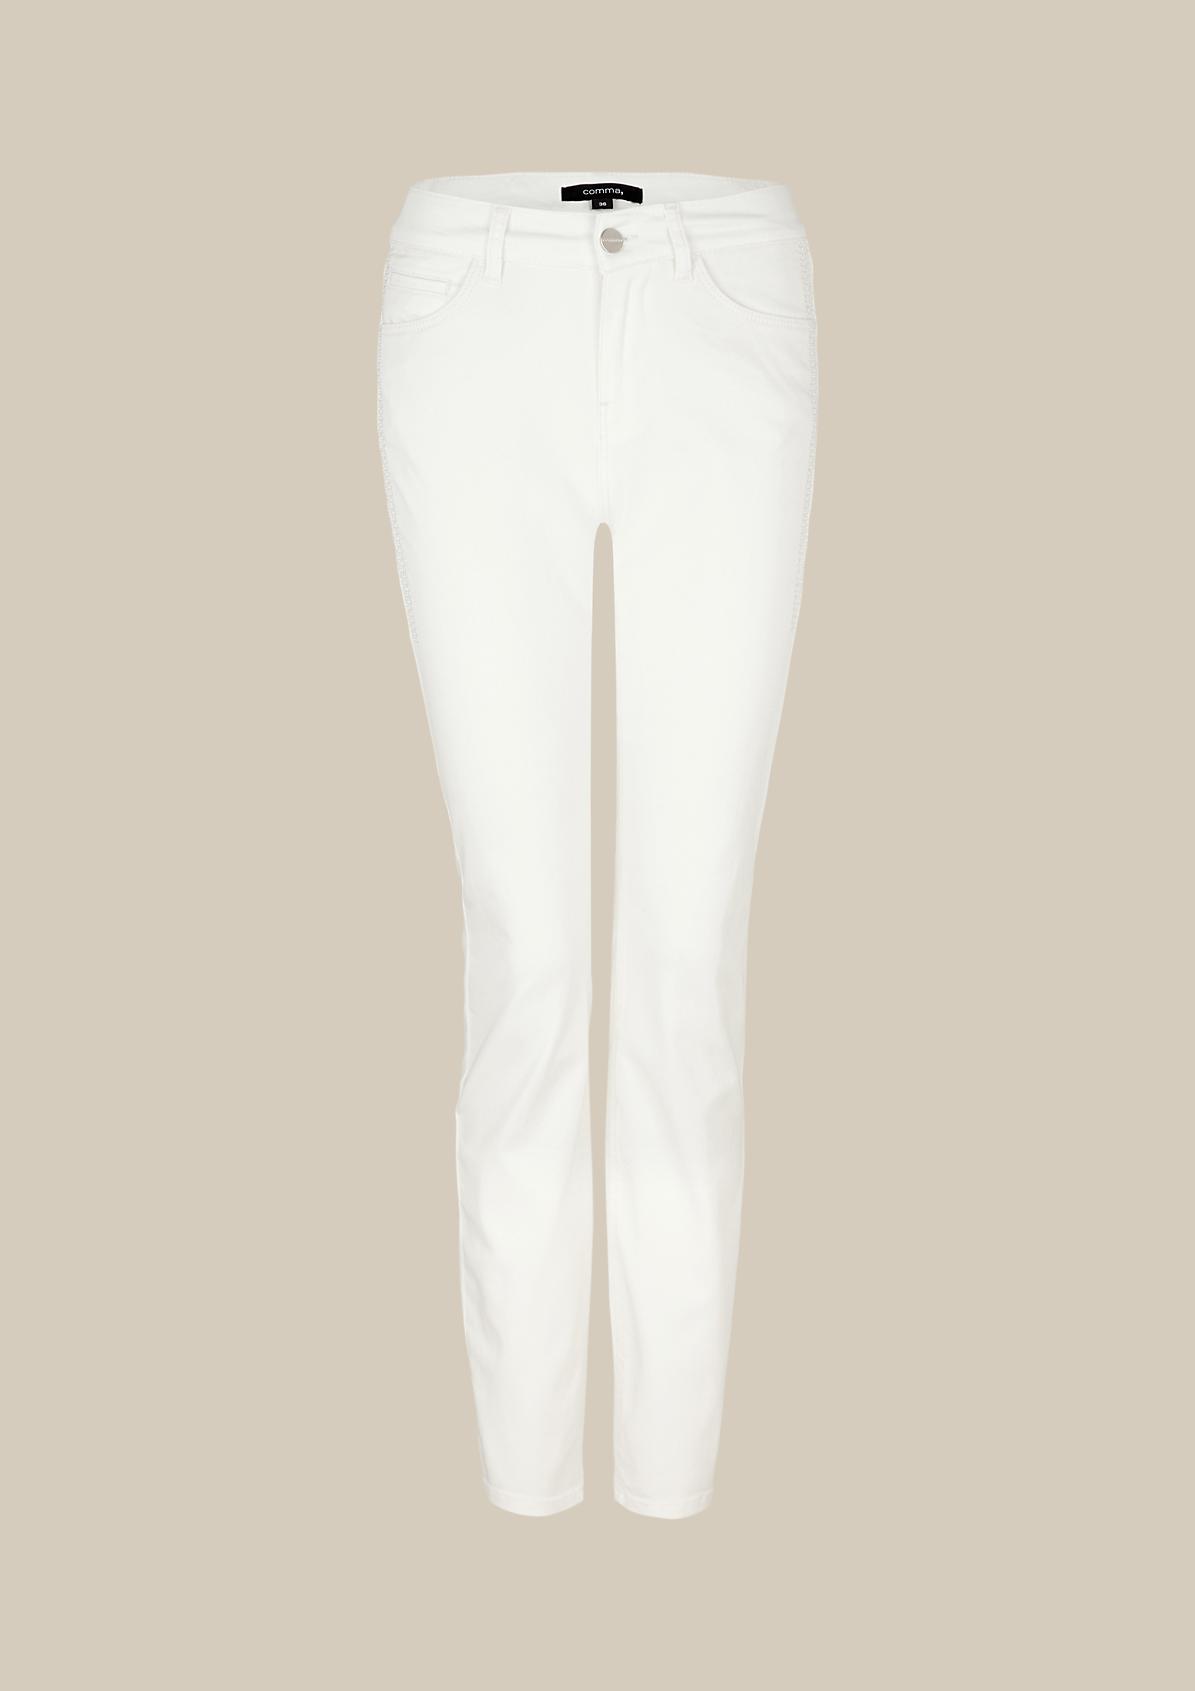 Lässige Coloured-Jeans mit aufwendigen Zierstickereien